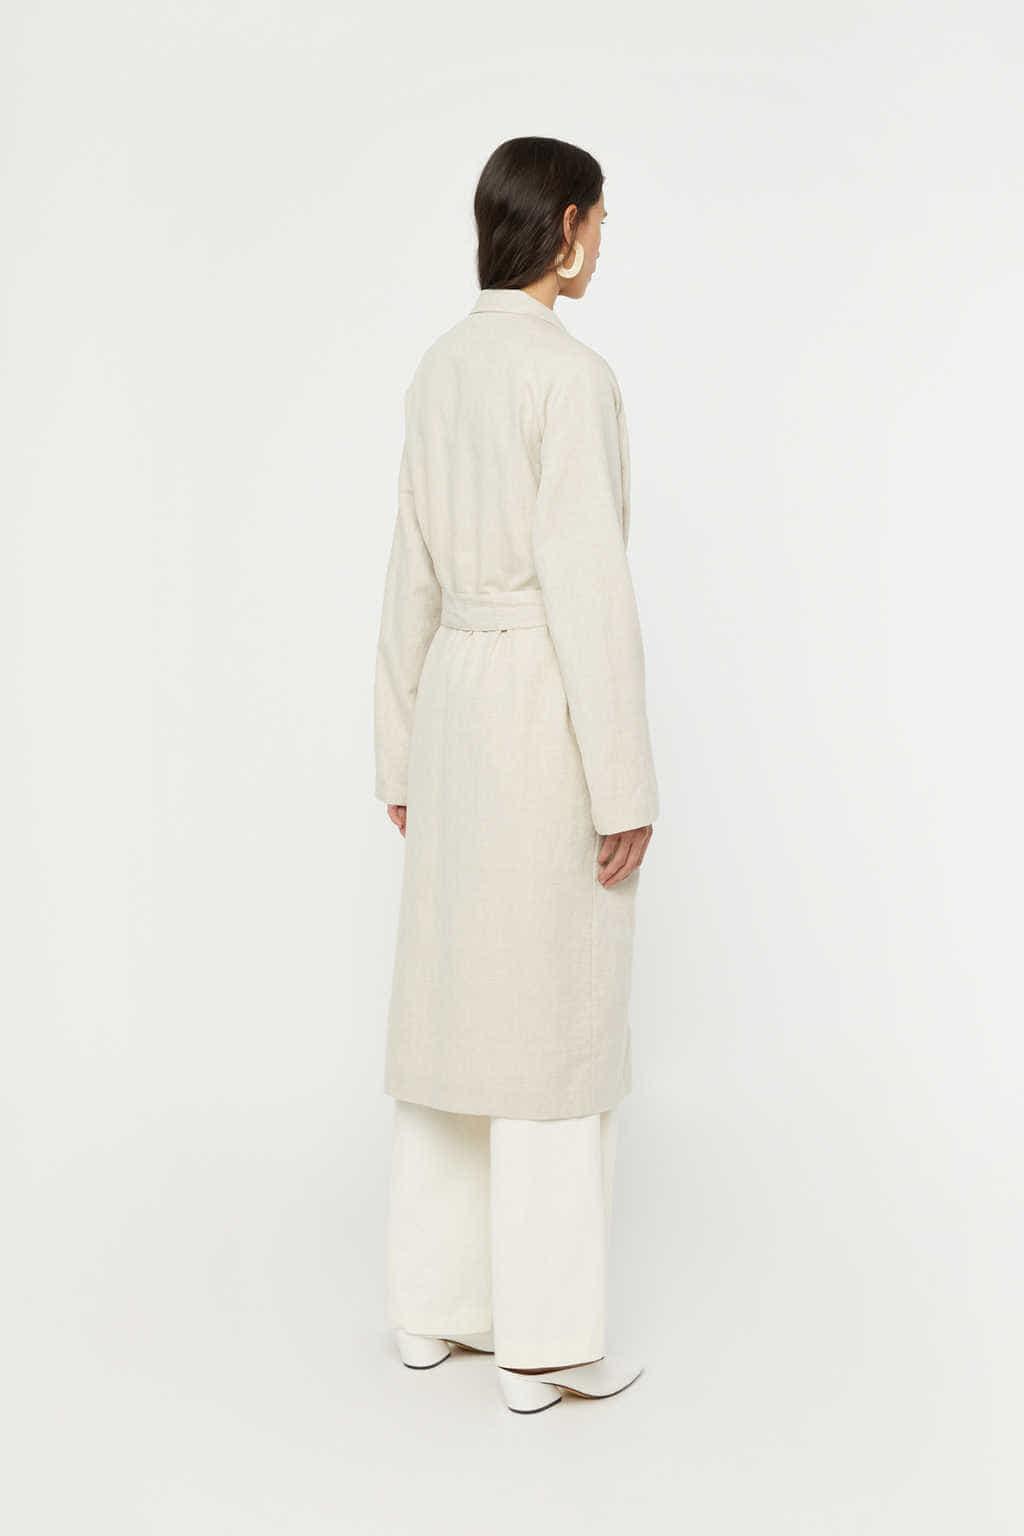 Coat K001 Beige 4